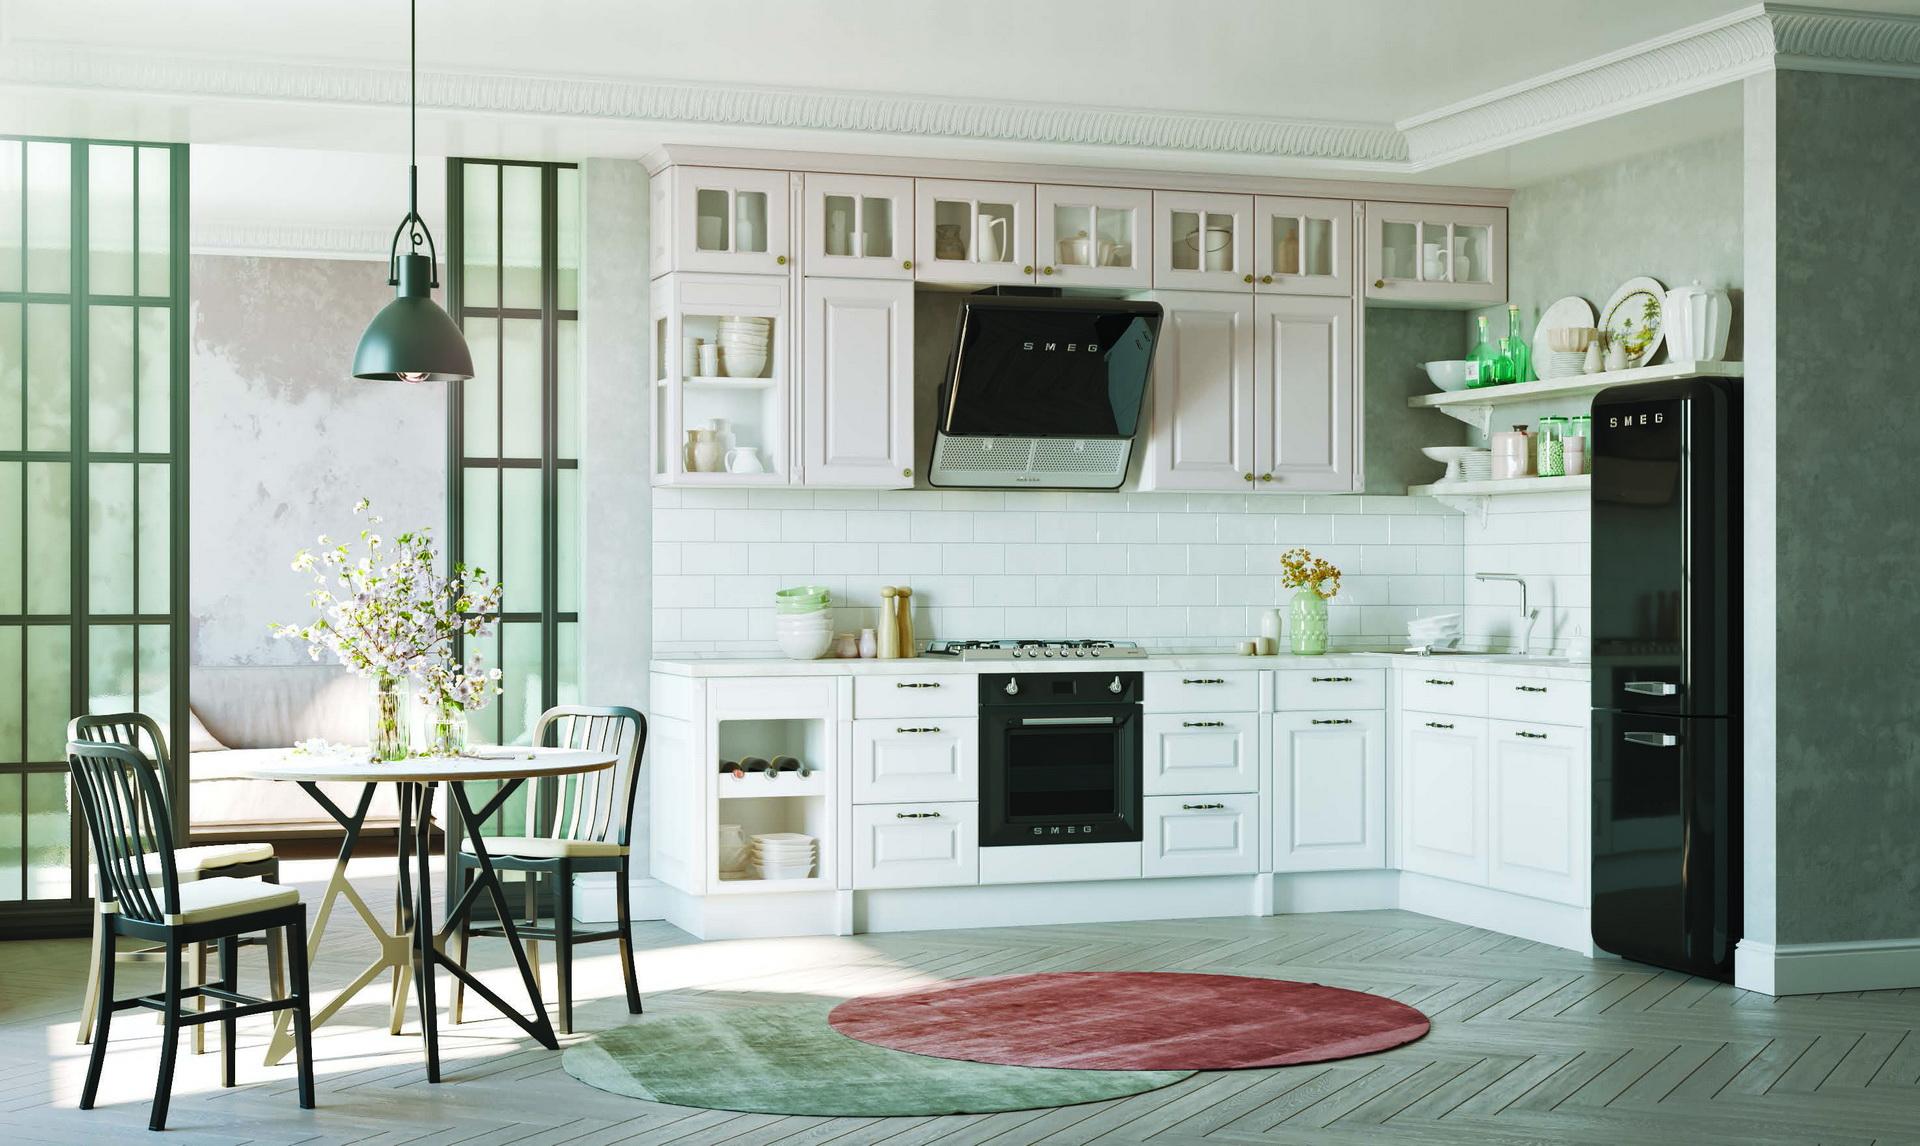 кухни зов фото в интерьере